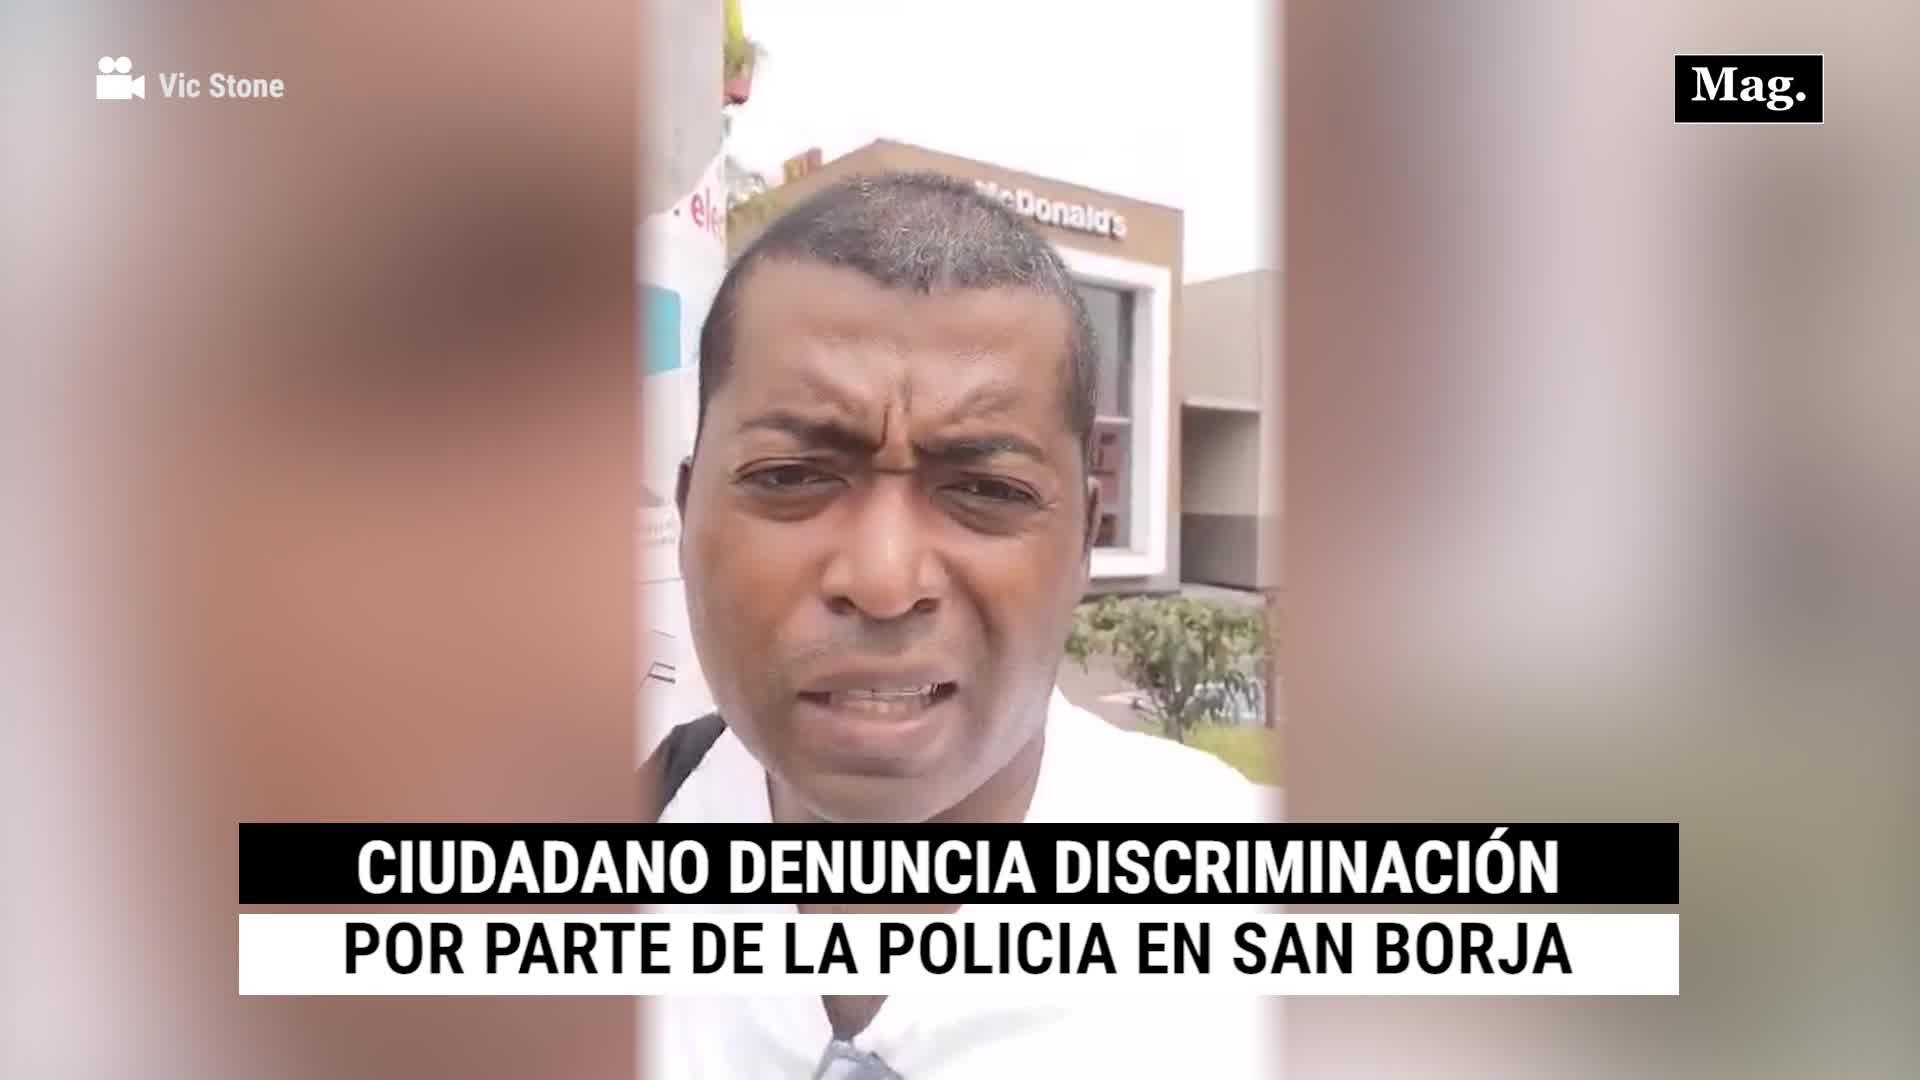 San Borja: Ciudadano denuncia discriminación